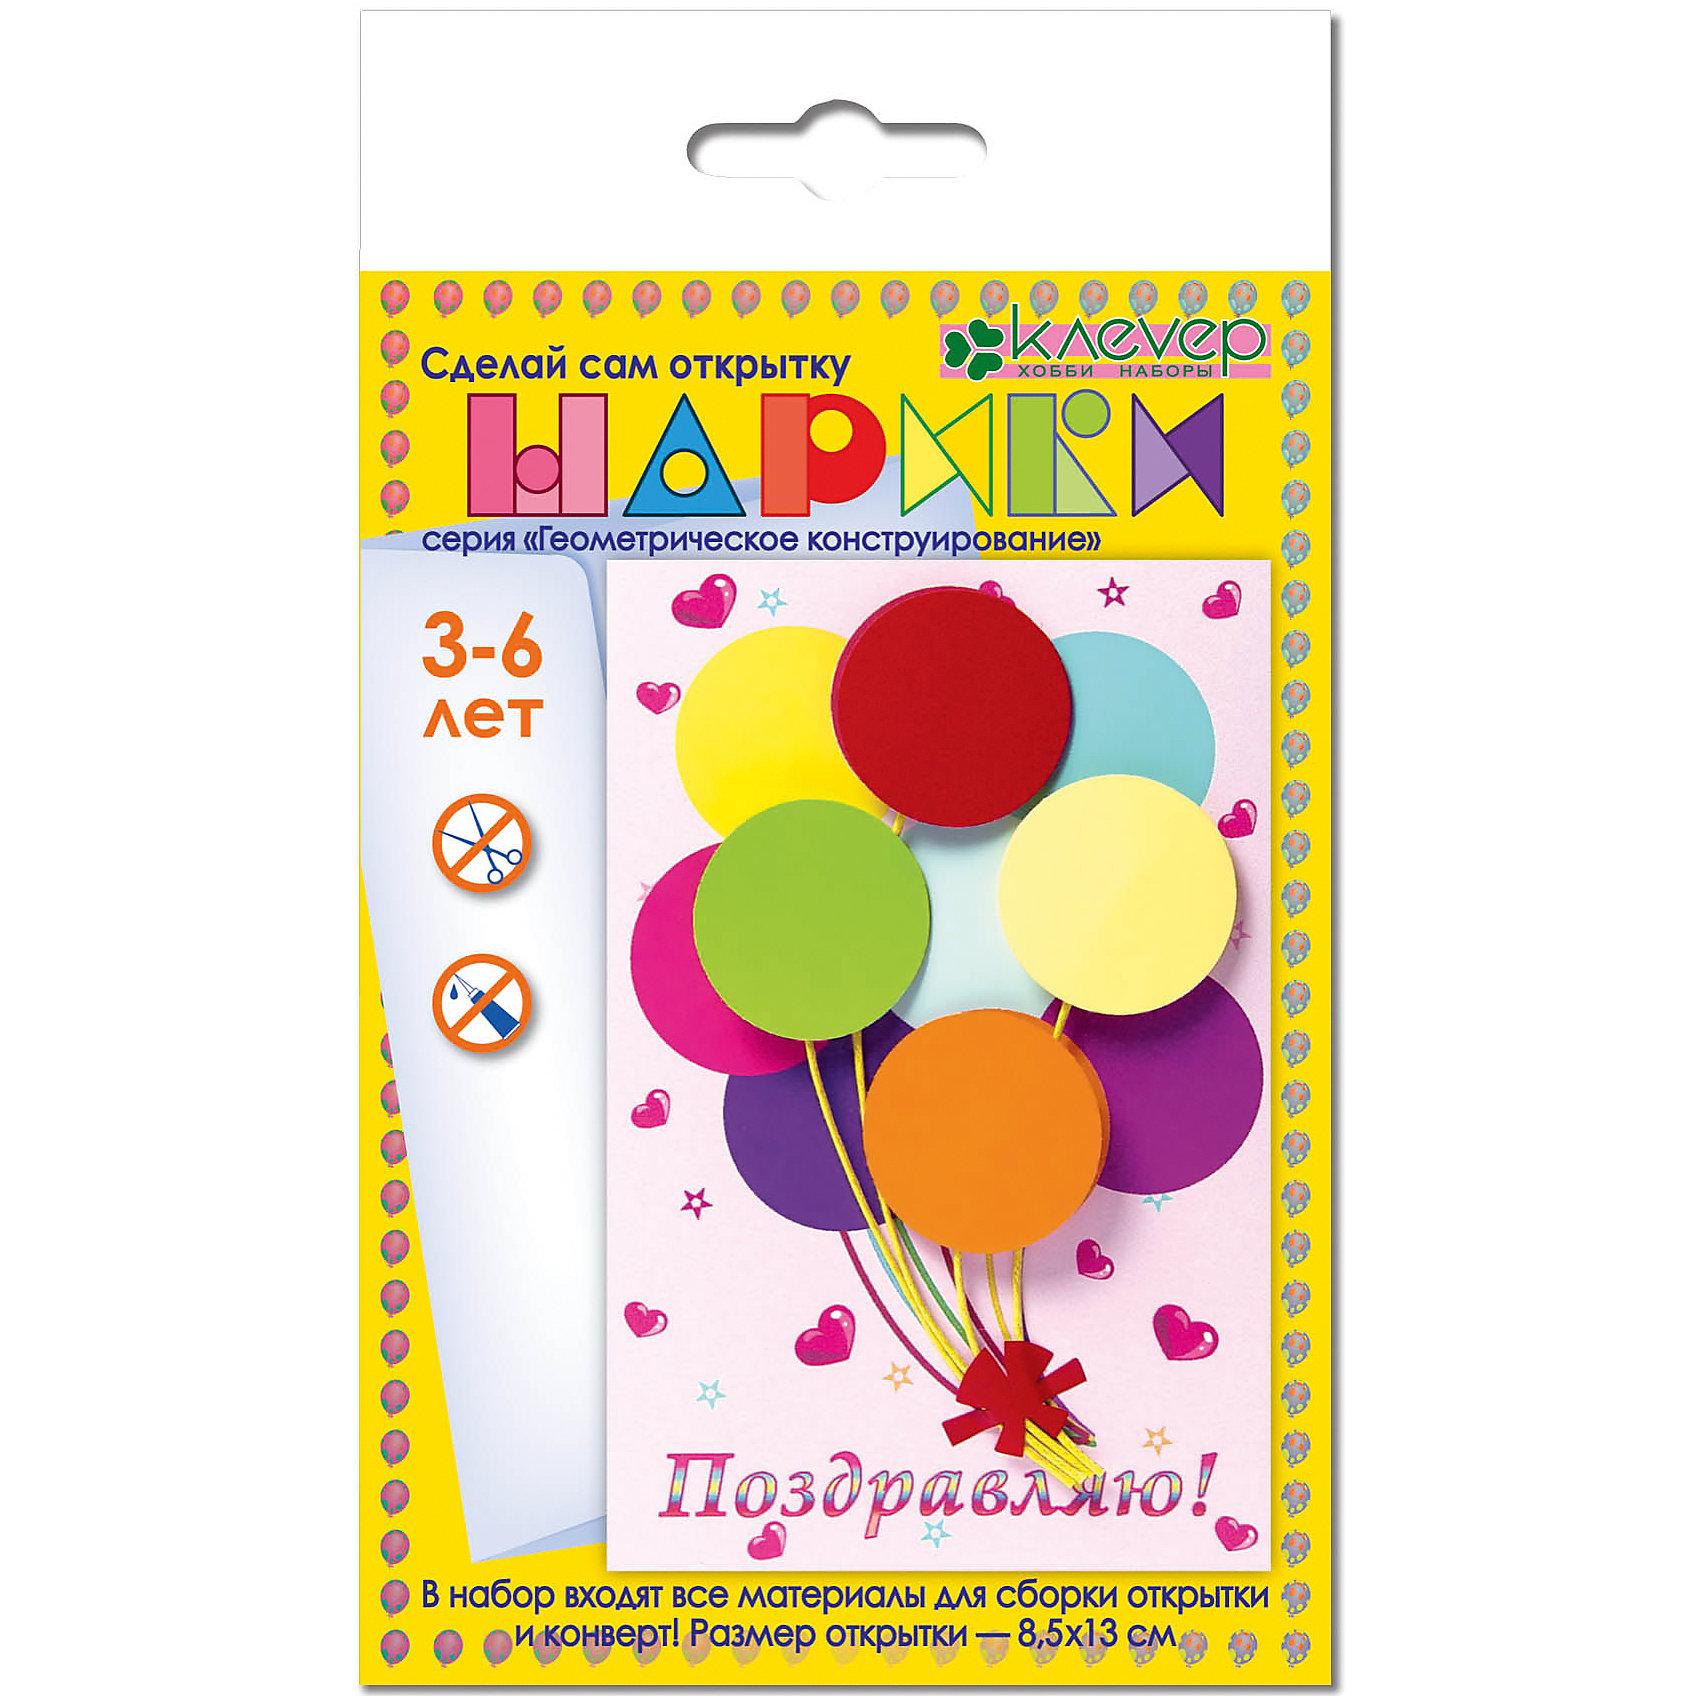 Набор для открытки Шарики (3-6 лет) геом.констр.Рукоделие<br>Воздушные шары! Это всегда праздник! Блестящие, яркие, разных цветов - они хотят вырваться из детской ручки и взмыть в небо! Они похожи на круглых смешных птиц, свободно парящих в вышине под облаками, рядом с солнцем. Когда люди счастливы, они отпускают в небо много-много воздушных шаров и долго глядят им вслед, пока те не исчезнут из виду в высоком небе! Шарики - это не просто открытка-аппликация, а методическое пособие, развивающее способности ребенка. Изготавливая открытку серии Геометрическое конструирование, ребенок знакомится с разными по фактуре материалами, учится достраивать изображение, создавать целое путем комбинирования различных деталей. Вам не понадобятся дополнительные материалы и инструменты.<br>Комплектация: комплект геометрических фигур из цветной бумаги, открытка из картона, х/б нити, объемный скотч, инструкция, конверт.<br>Для детей от 3 до 6 лет.<br>Размер открытки: 8,5х13 см.<br>Упаковка: блистер.<br>Производство: Россия.<br><br>Ширина мм: 40<br>Глубина мм: 96<br>Высота мм: 20<br>Вес г: 14<br>Возраст от месяцев: 36<br>Возраст до месяцев: 60<br>Пол: Унисекс<br>Возраст: Детский<br>SKU: 5541604